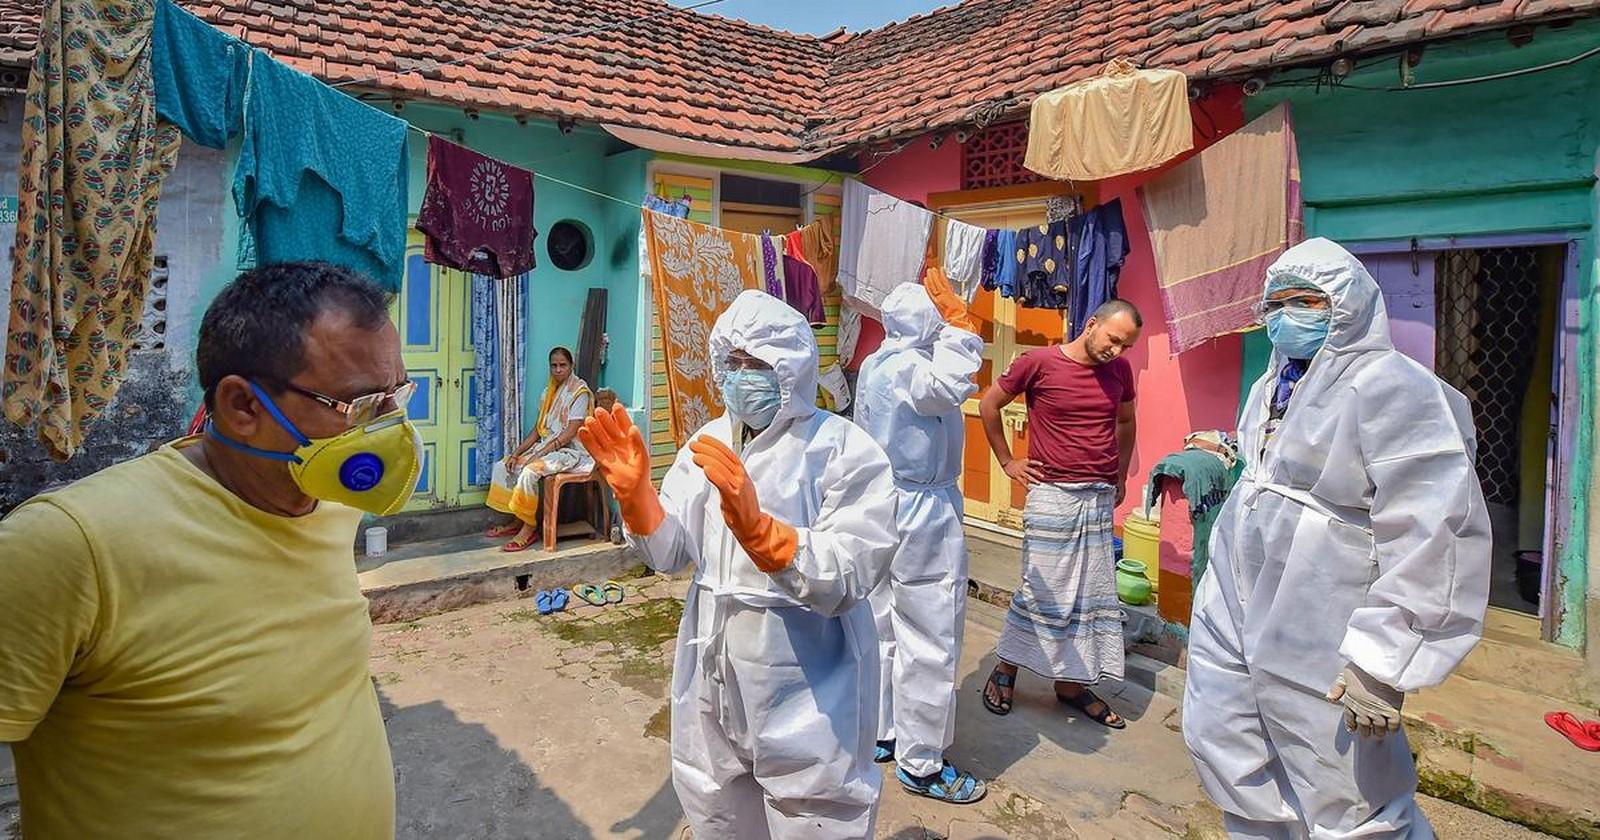 20 Thesis ideas concerning Pandemics_Epidemics - Sheet16